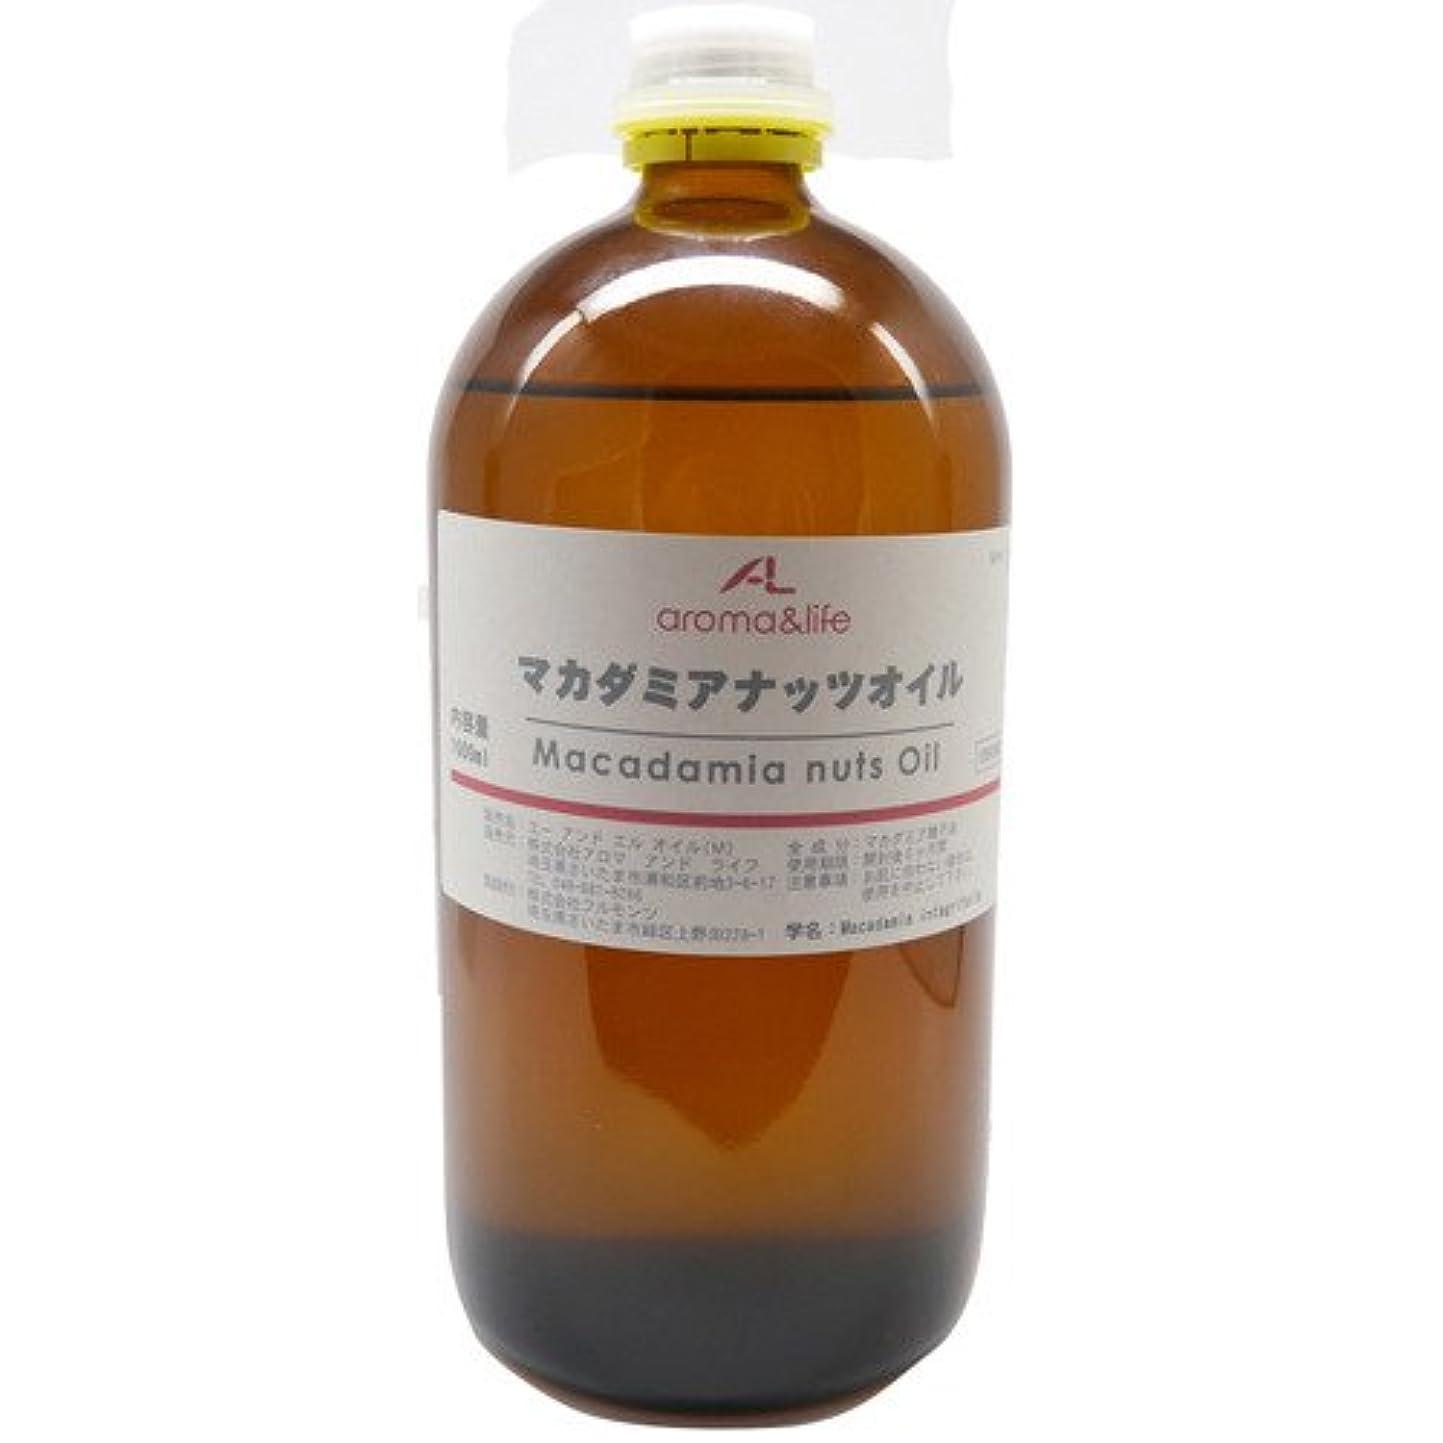 風刺毒液チョップアロマアンドライフ 業務用マカダミアナッツオイル